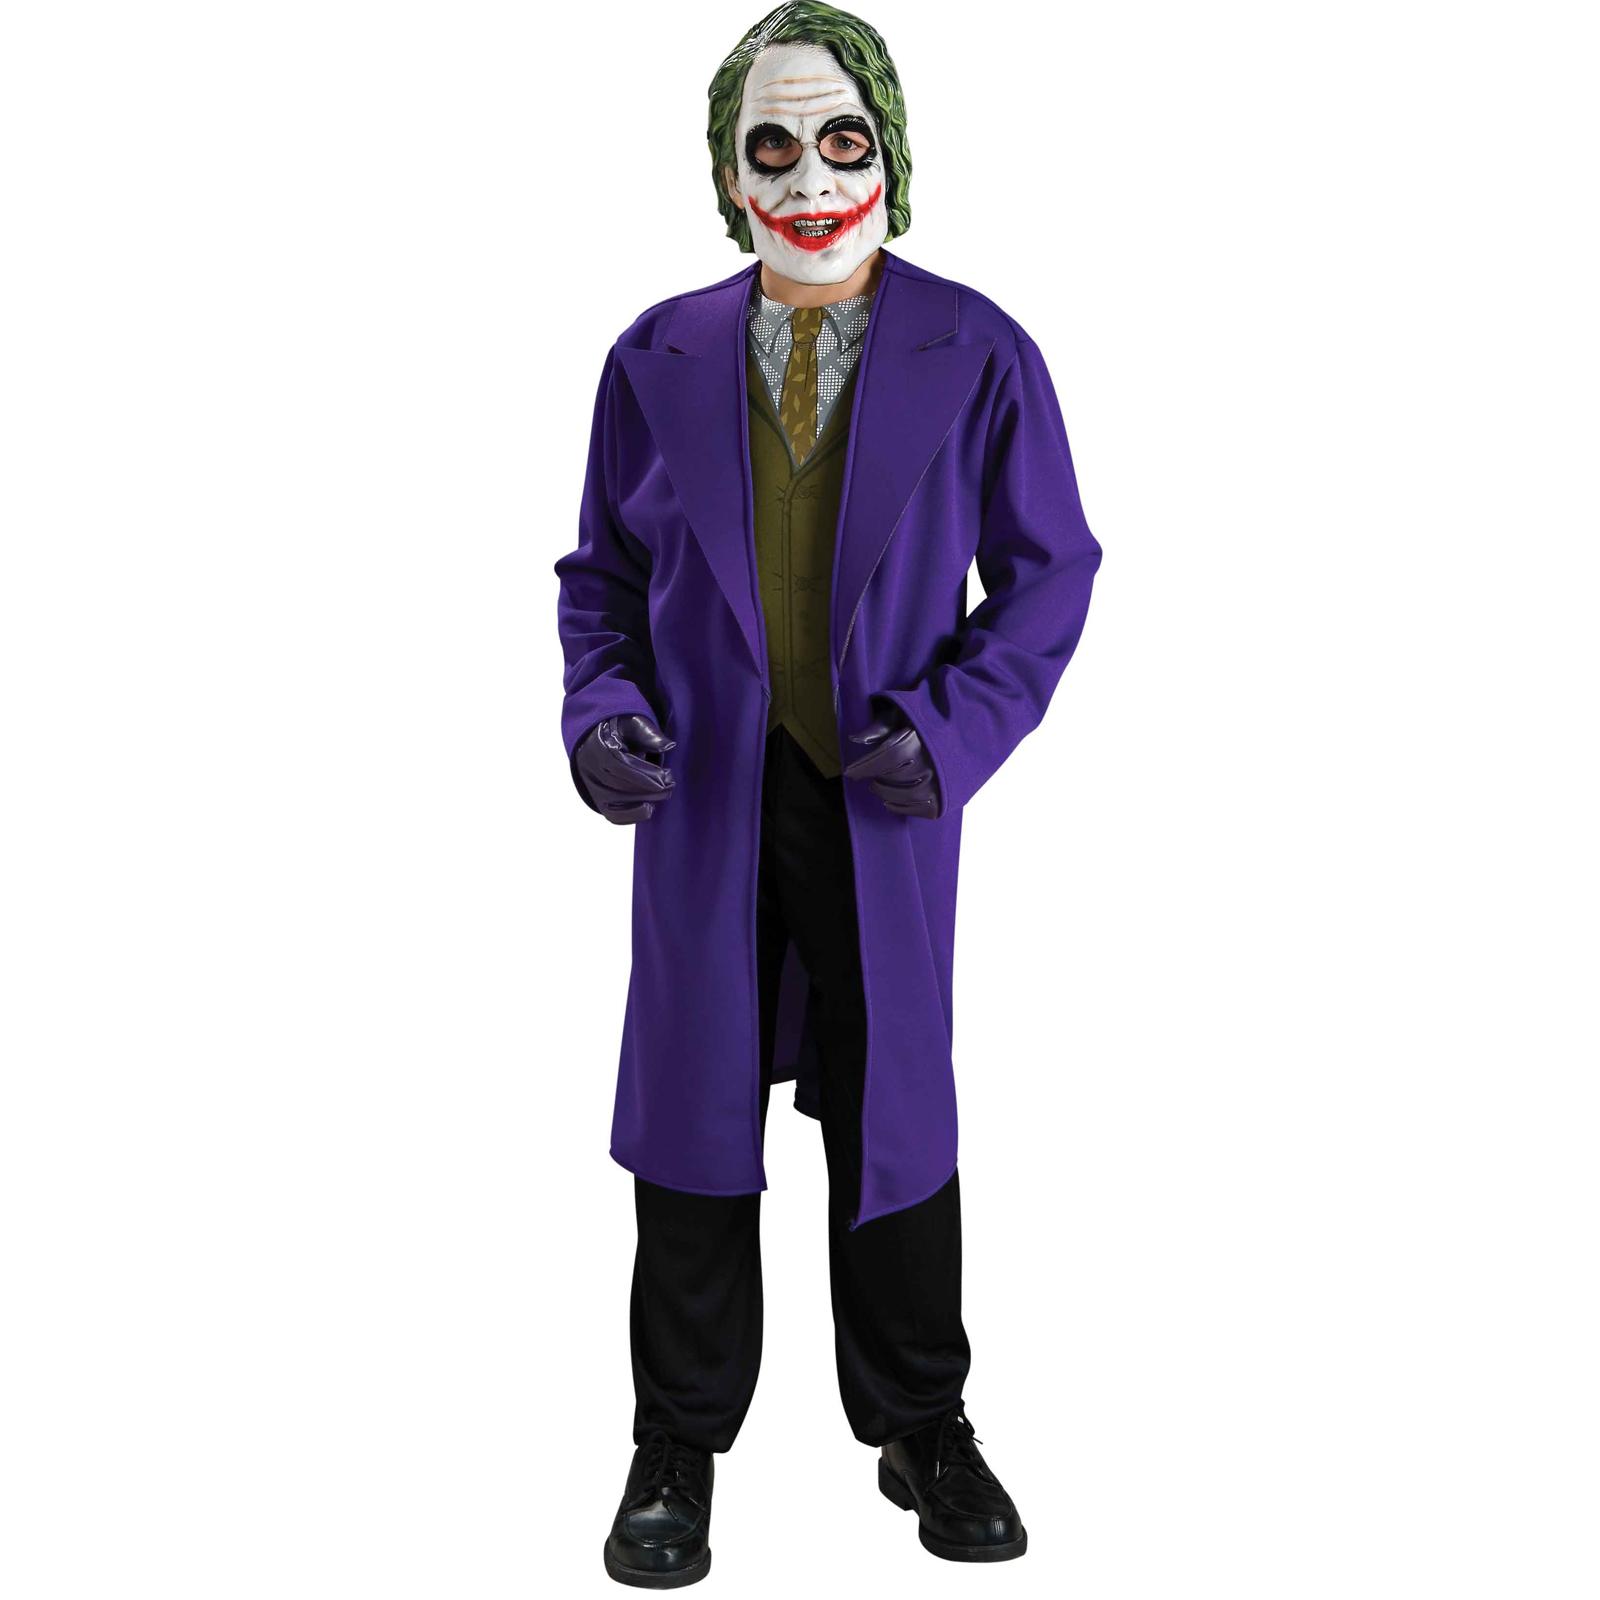 Batman Costumes Canada 2015 Halloween Costumes Canada